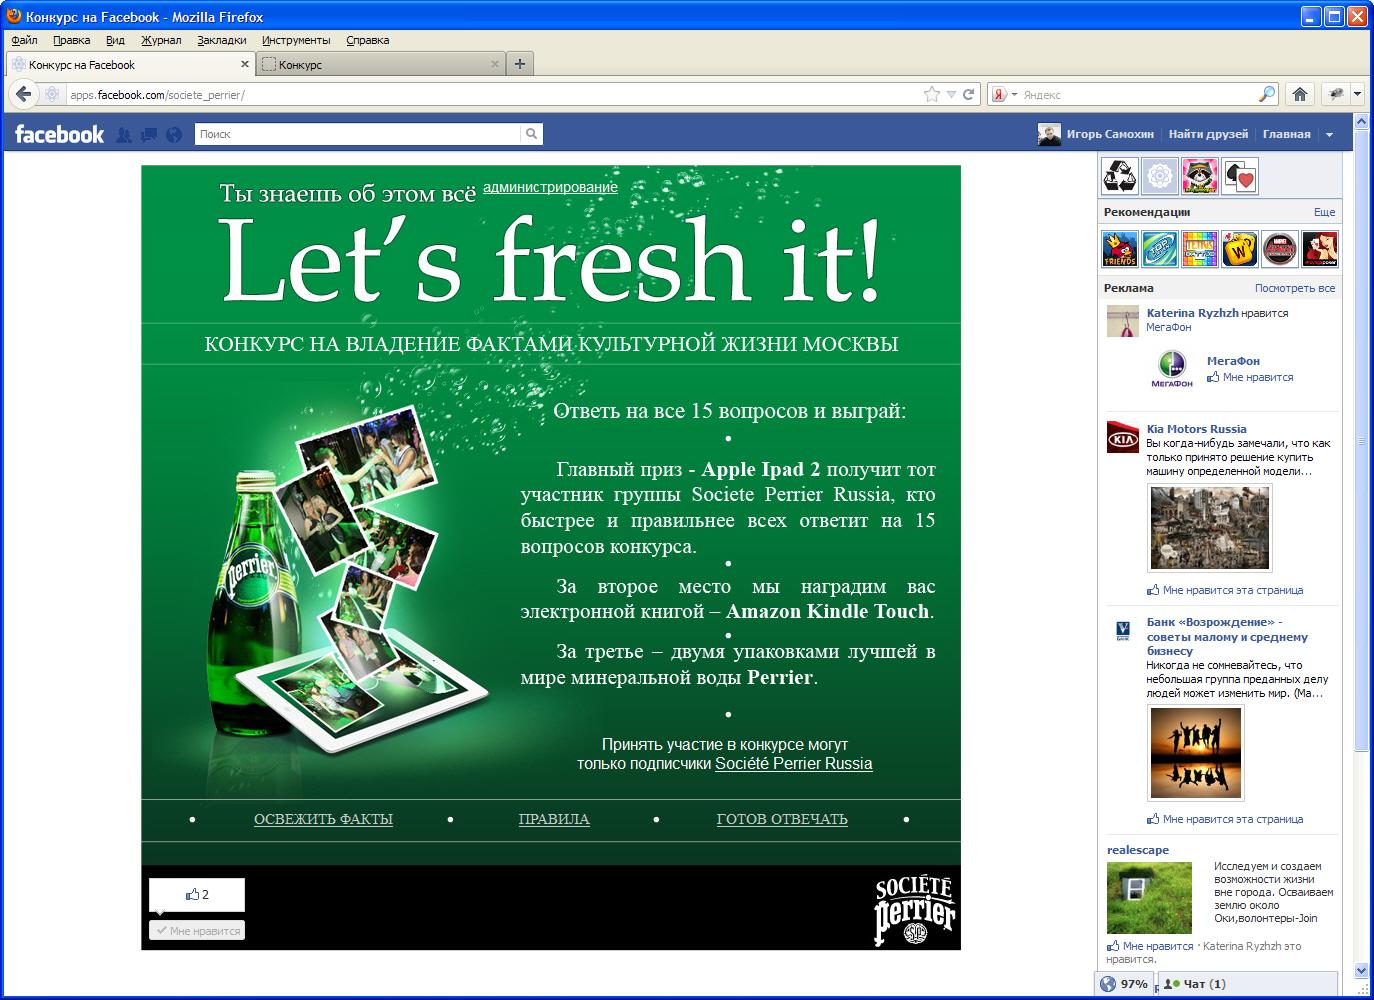 """Приложение для facebook. Конкурс """"Let's fresh it!"""""""